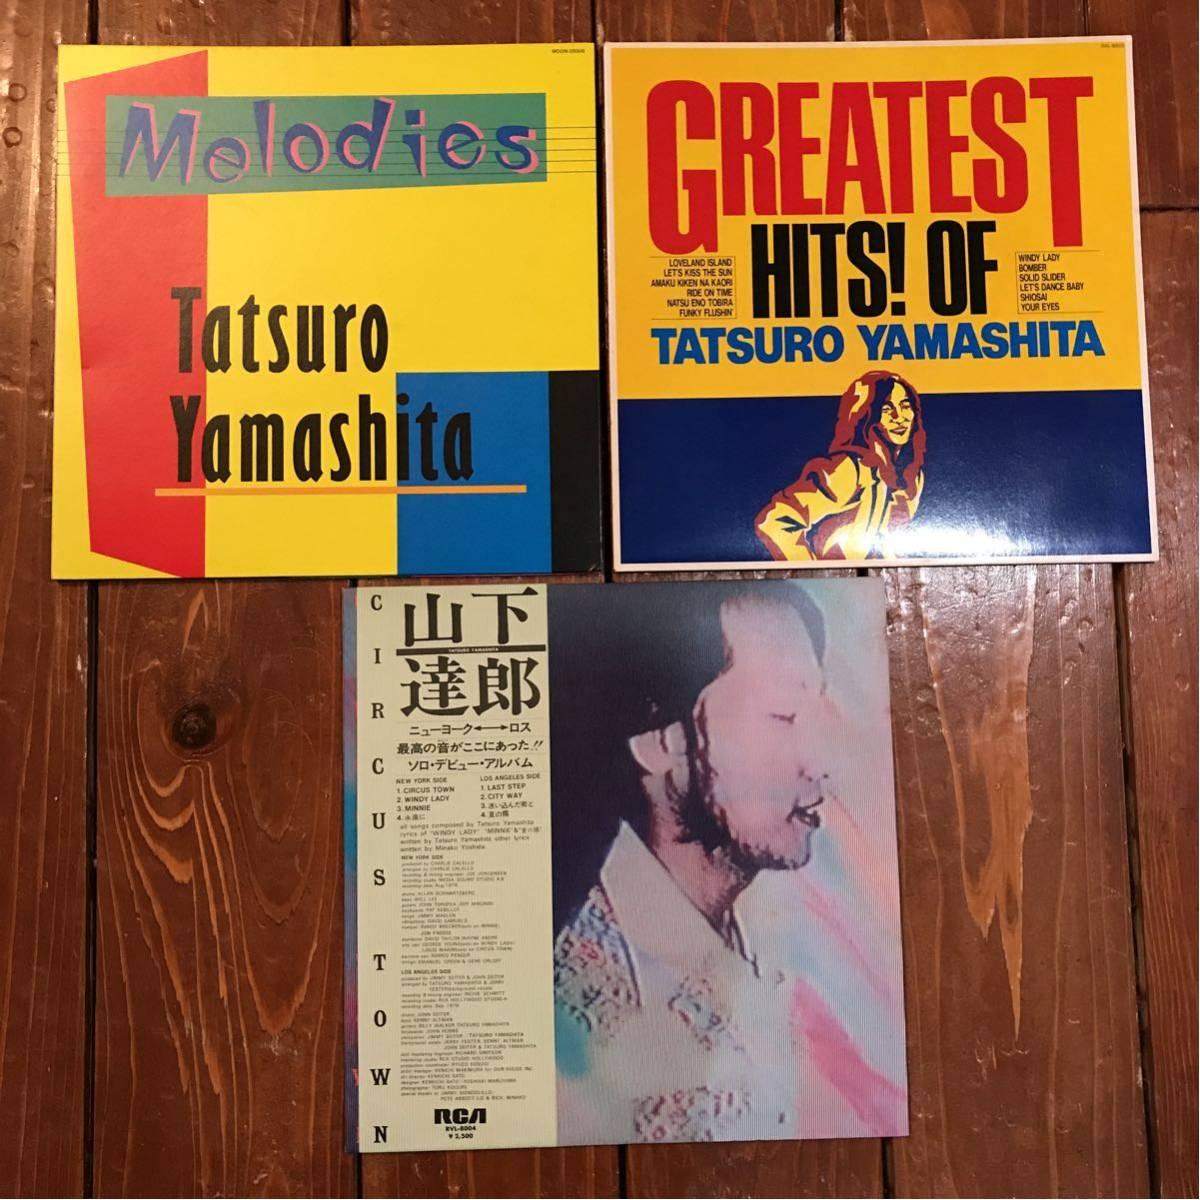 山下達郎 ニューヨーク ロス 最高の音がここにあった Melodies GREATEST HITS!OF 昭和レトロレコード 12インチ 3枚セット 歌詞付き